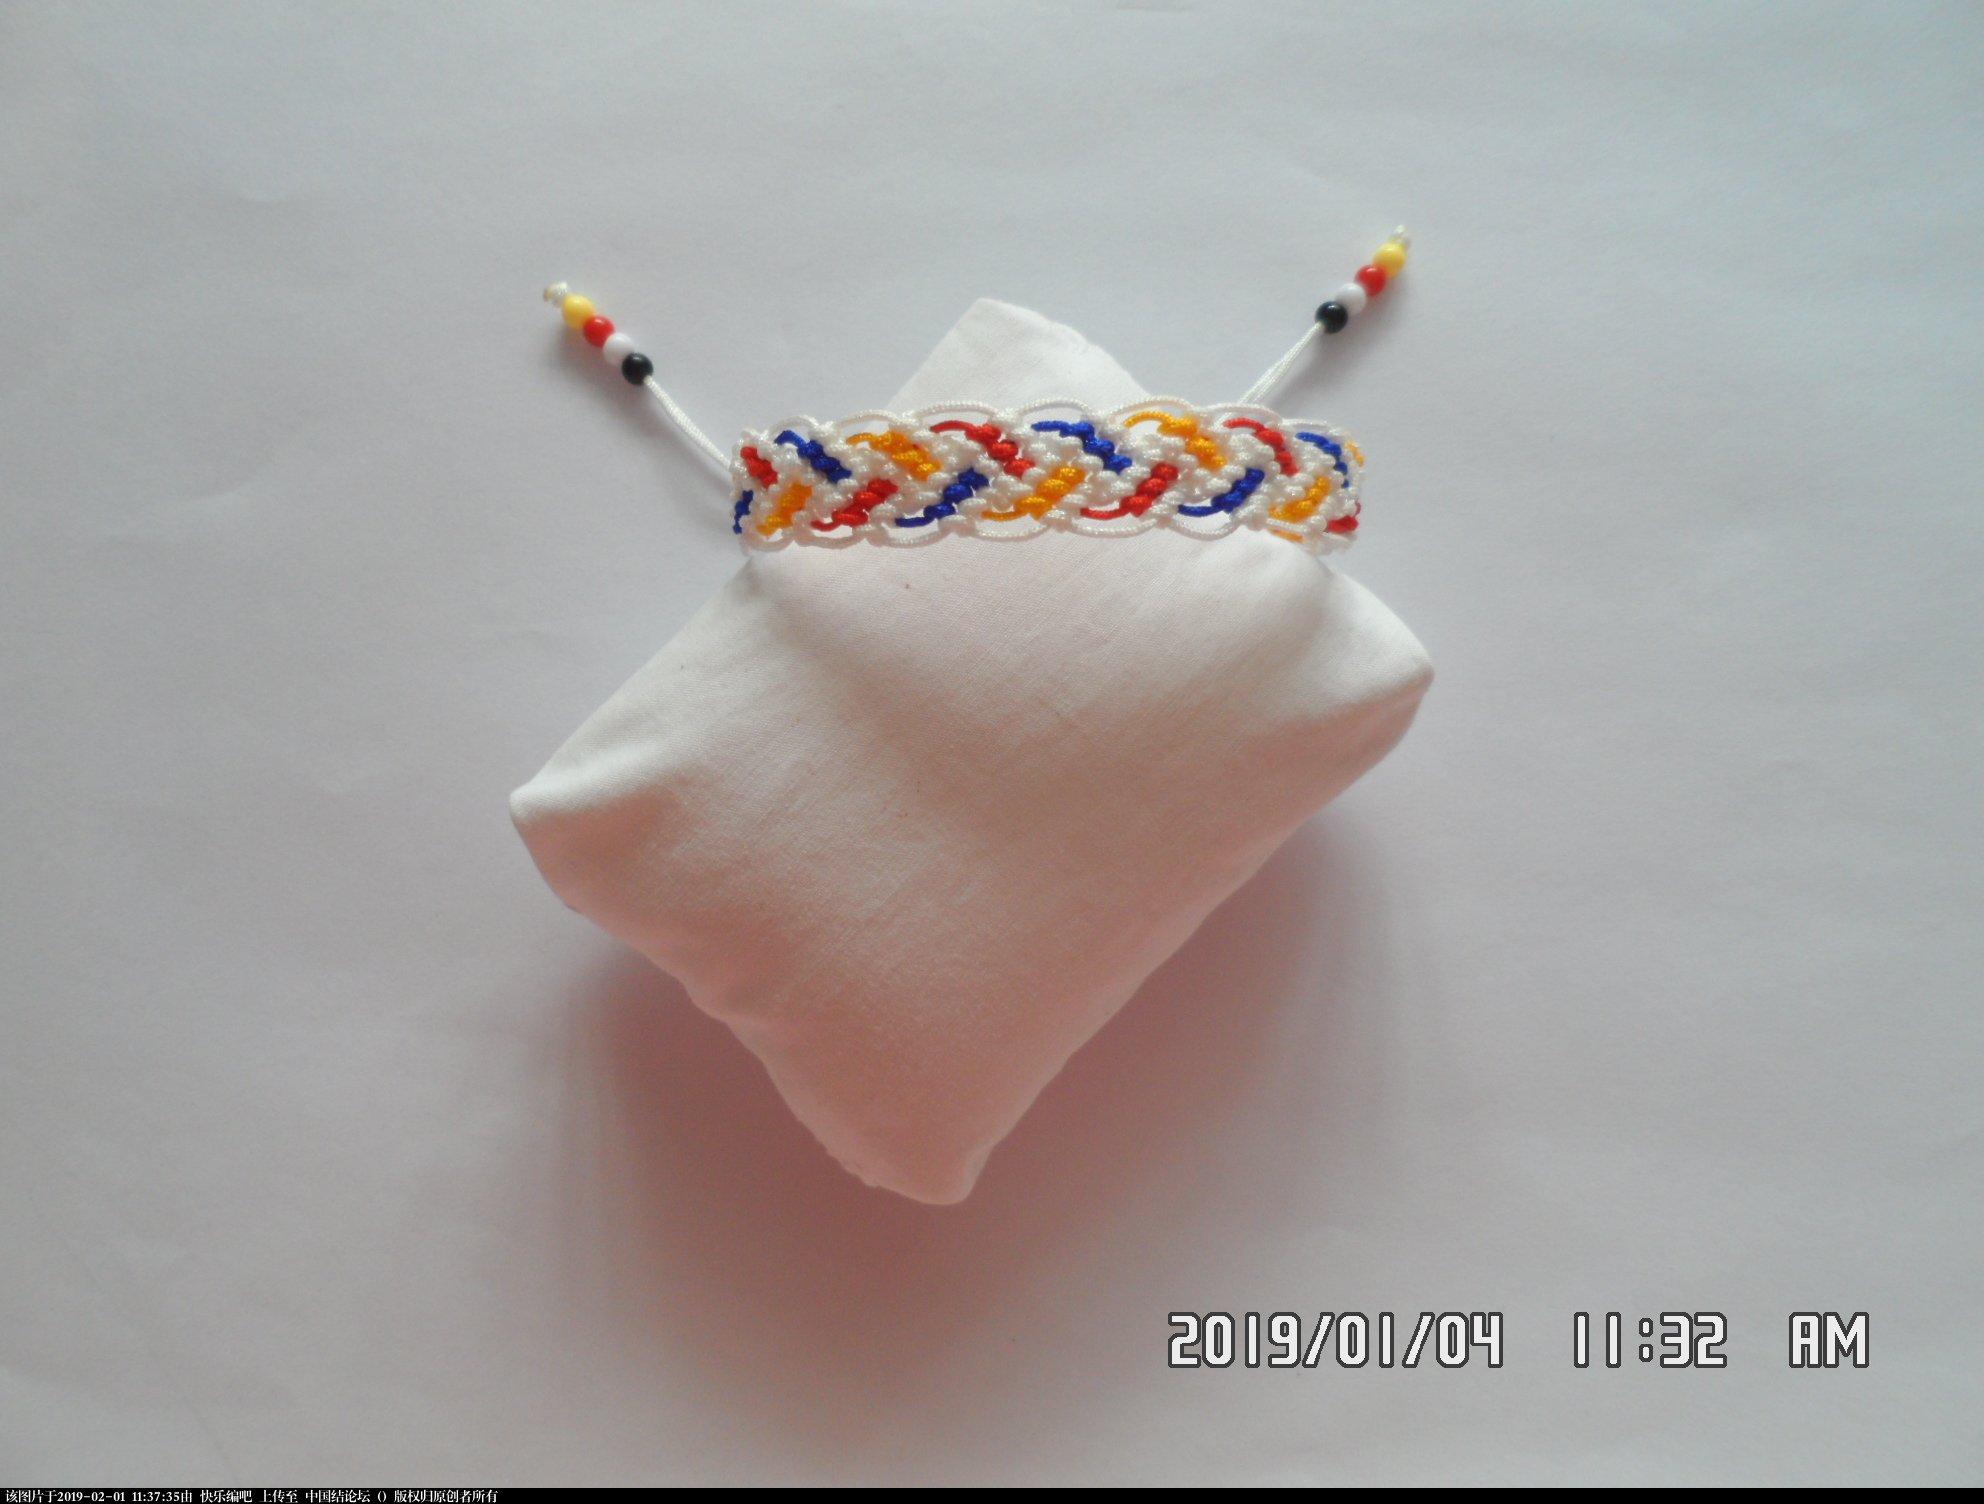 中国结论坛 一款彩色辫子图案手绳的编法 —— 反斜卷结练习  图文教程区 110426j8qzcq8pew1kq4ep